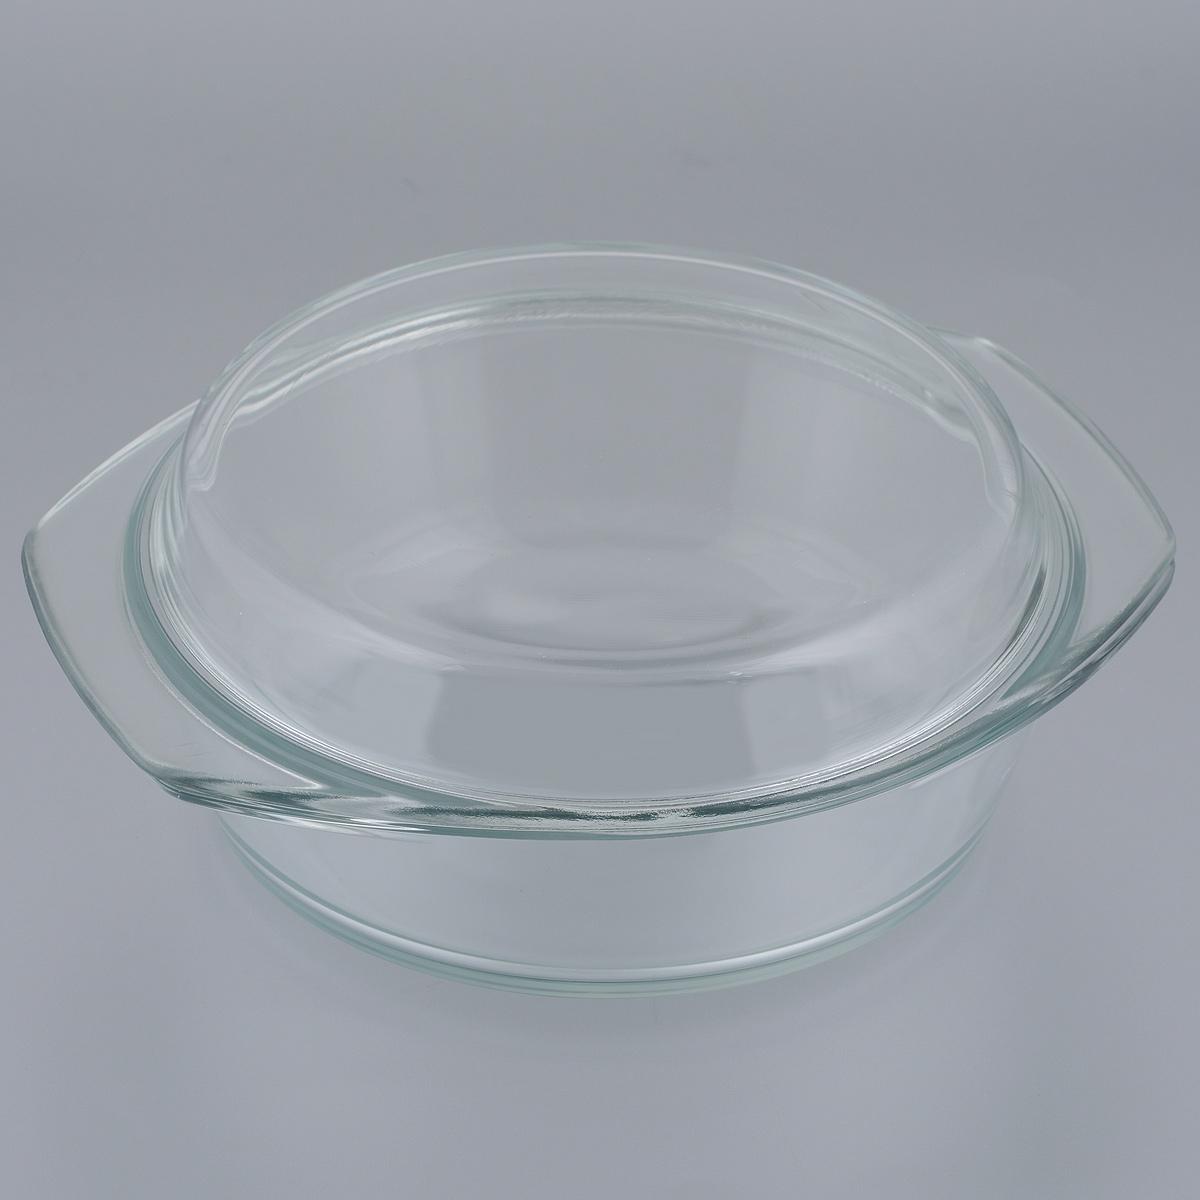 Кастрюля Mijotex с крышкой, 1,5 лPL16Кастрюля Mijotex изготовлена из экологически чистого жаропрочного стекла и оснащена крышкой, которую также можно использовать как отдельную емкость. Стекло - самый безопасный для здоровья материал. Посуда из стекла не вступает в реакцию с готовящейся пищей, а потому не выделяет никаких вредных веществ, не подвергается воздействию кислот и солей. Из-за невысокой теплопроводности пища в стеклянной посуде гораздо медленнее остывает. Стеклянная посуда очень удобна для приготовления, разогрева и хранения самых разнообразных блюд: супов, вторых блюд, десертов. Используя такую кастрюлю, вы можете не только приготовить в ней пищу, но и подать ее к столу, не меняя посуды. Благодаря гладкой идеально ровной поверхности посуда легко моется. Допускается нагрев посуды до 250°С.Можно использовать в микроволновой печи, духовом шкафу, на газовых конфорках и электроплитах. Можно использовать для хранения в холодильнике и морозильной камере. Можно мыть в посудомоечной машине. Высота стенок кастрюли: 6,5 см. Высота кастрюли (с учетом крышки): 9,5 см. Ширина кастрюли (с учетом ручек): 23,5 см. Толщина стенок: 5 мм.Толщина дна: 5 мм.